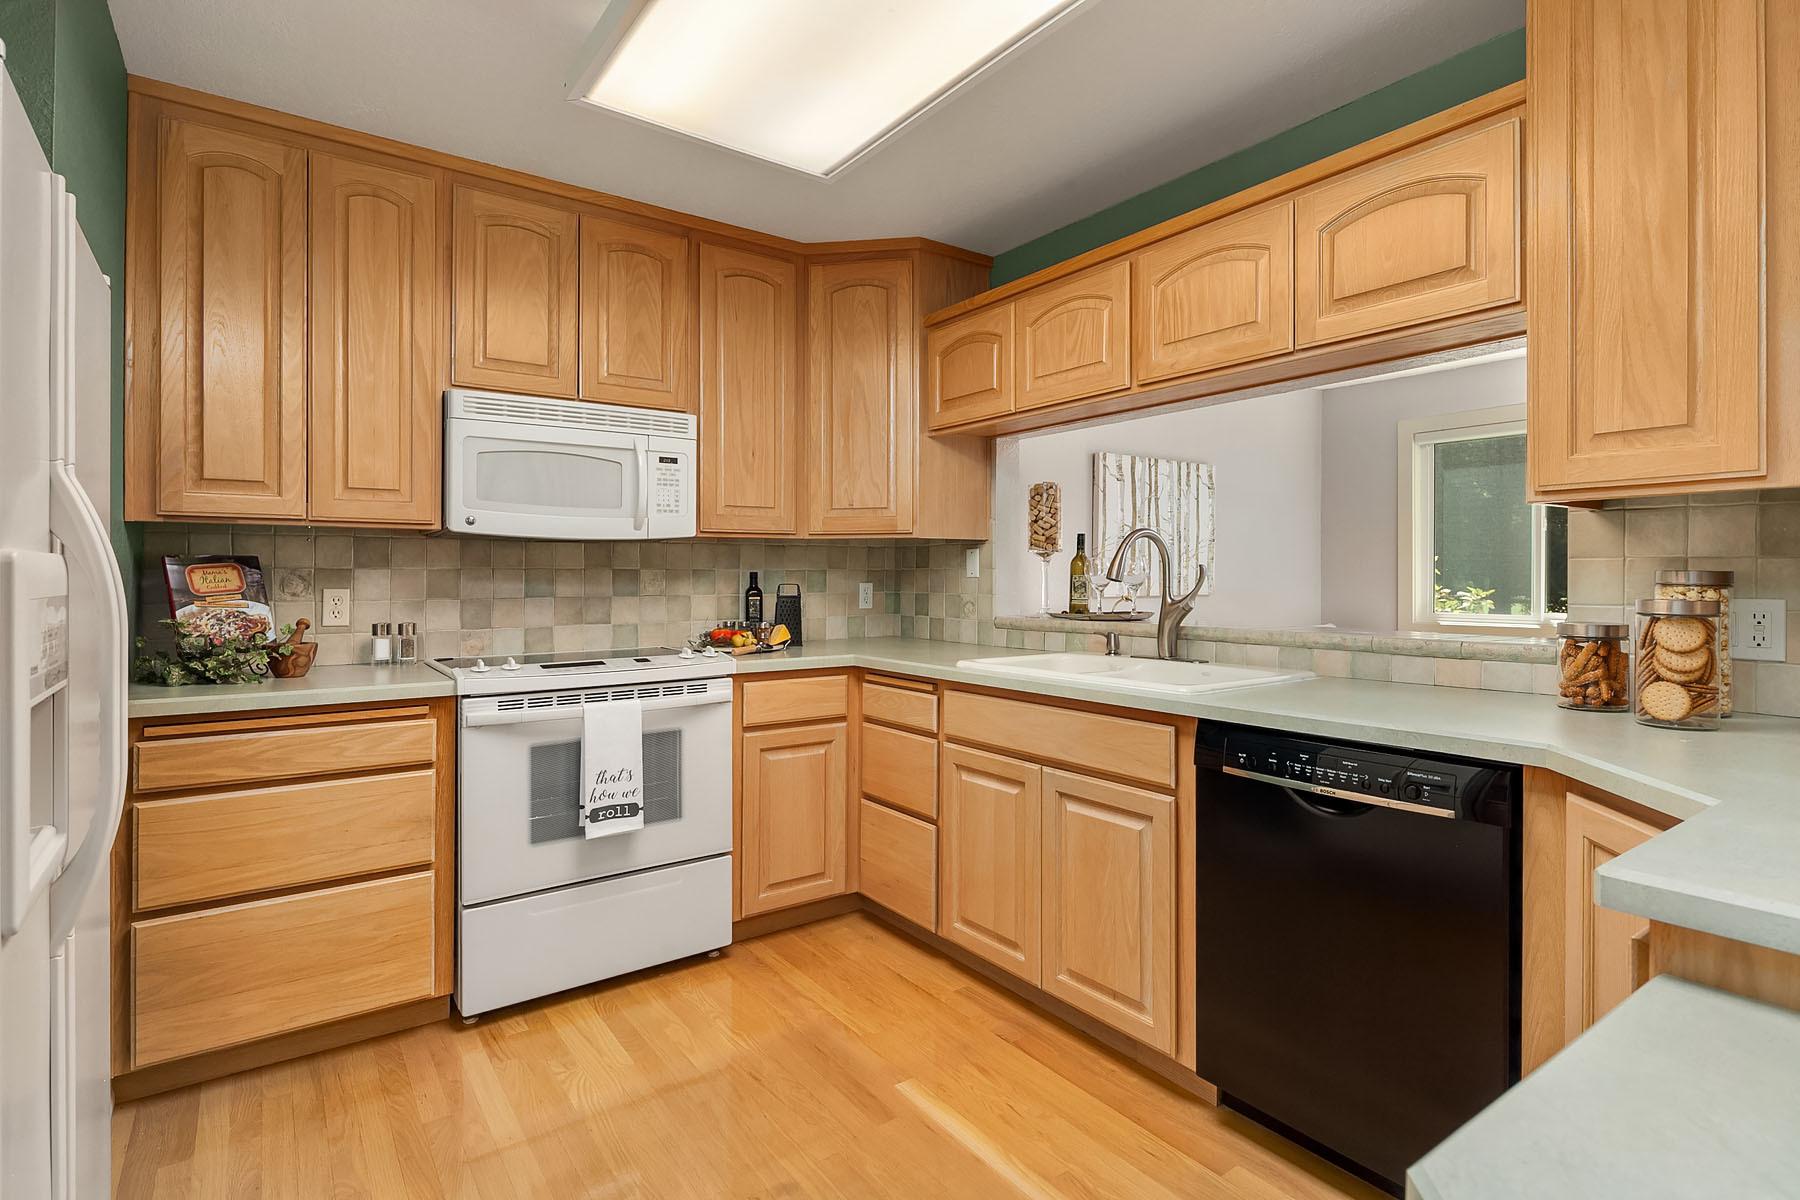 14601 Ne 50th Place E-4, Bellevue, WA - USA (photo 3)